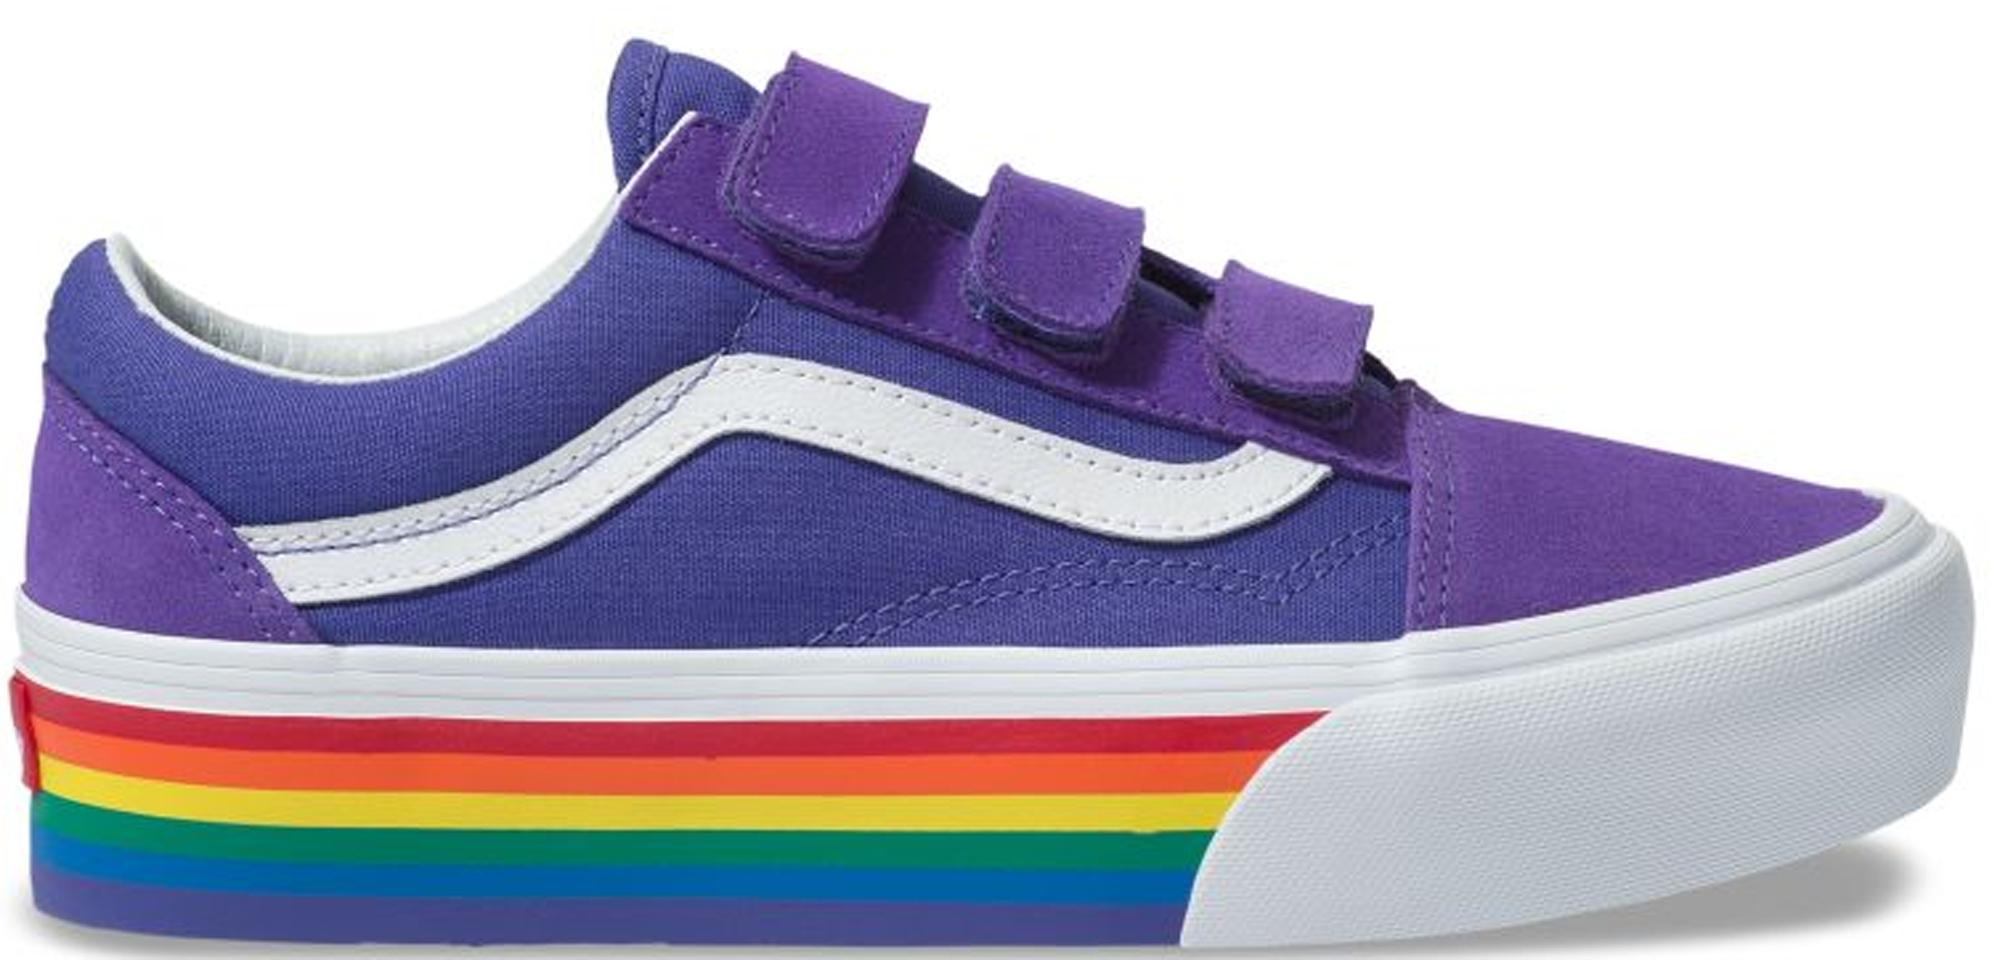 Vans Old Skool V Platform Rainbow Pride